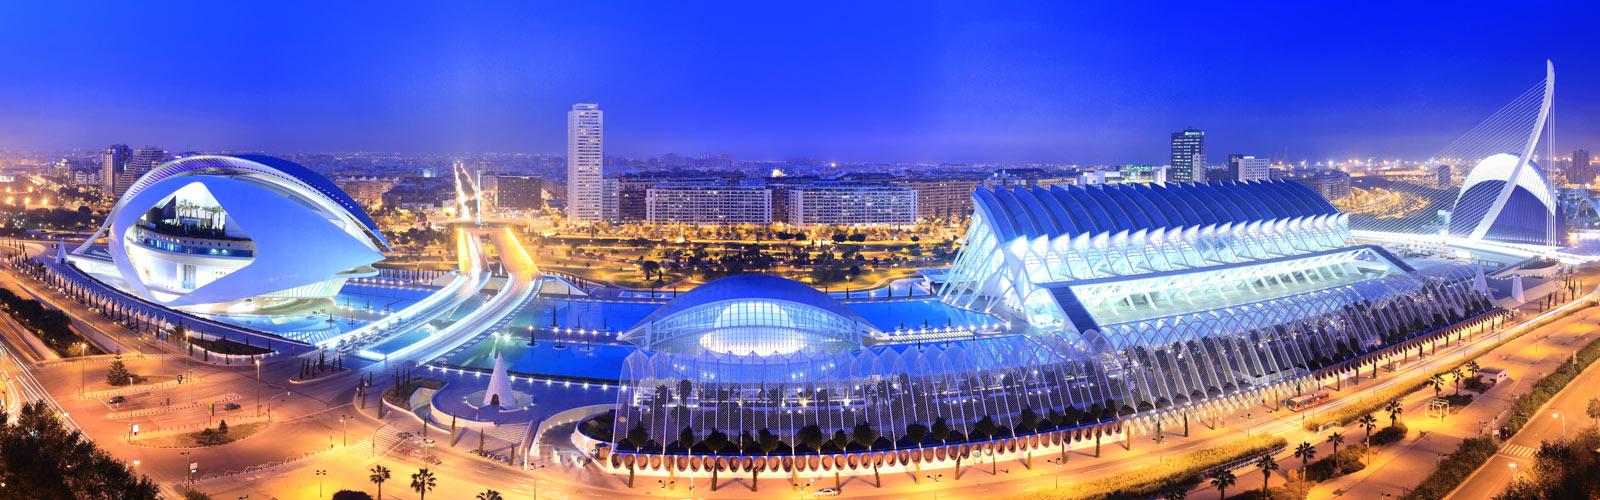 Valencia elegida la mejor ciudad del mundo para vivir por for Decoradores e interioristas en valencia